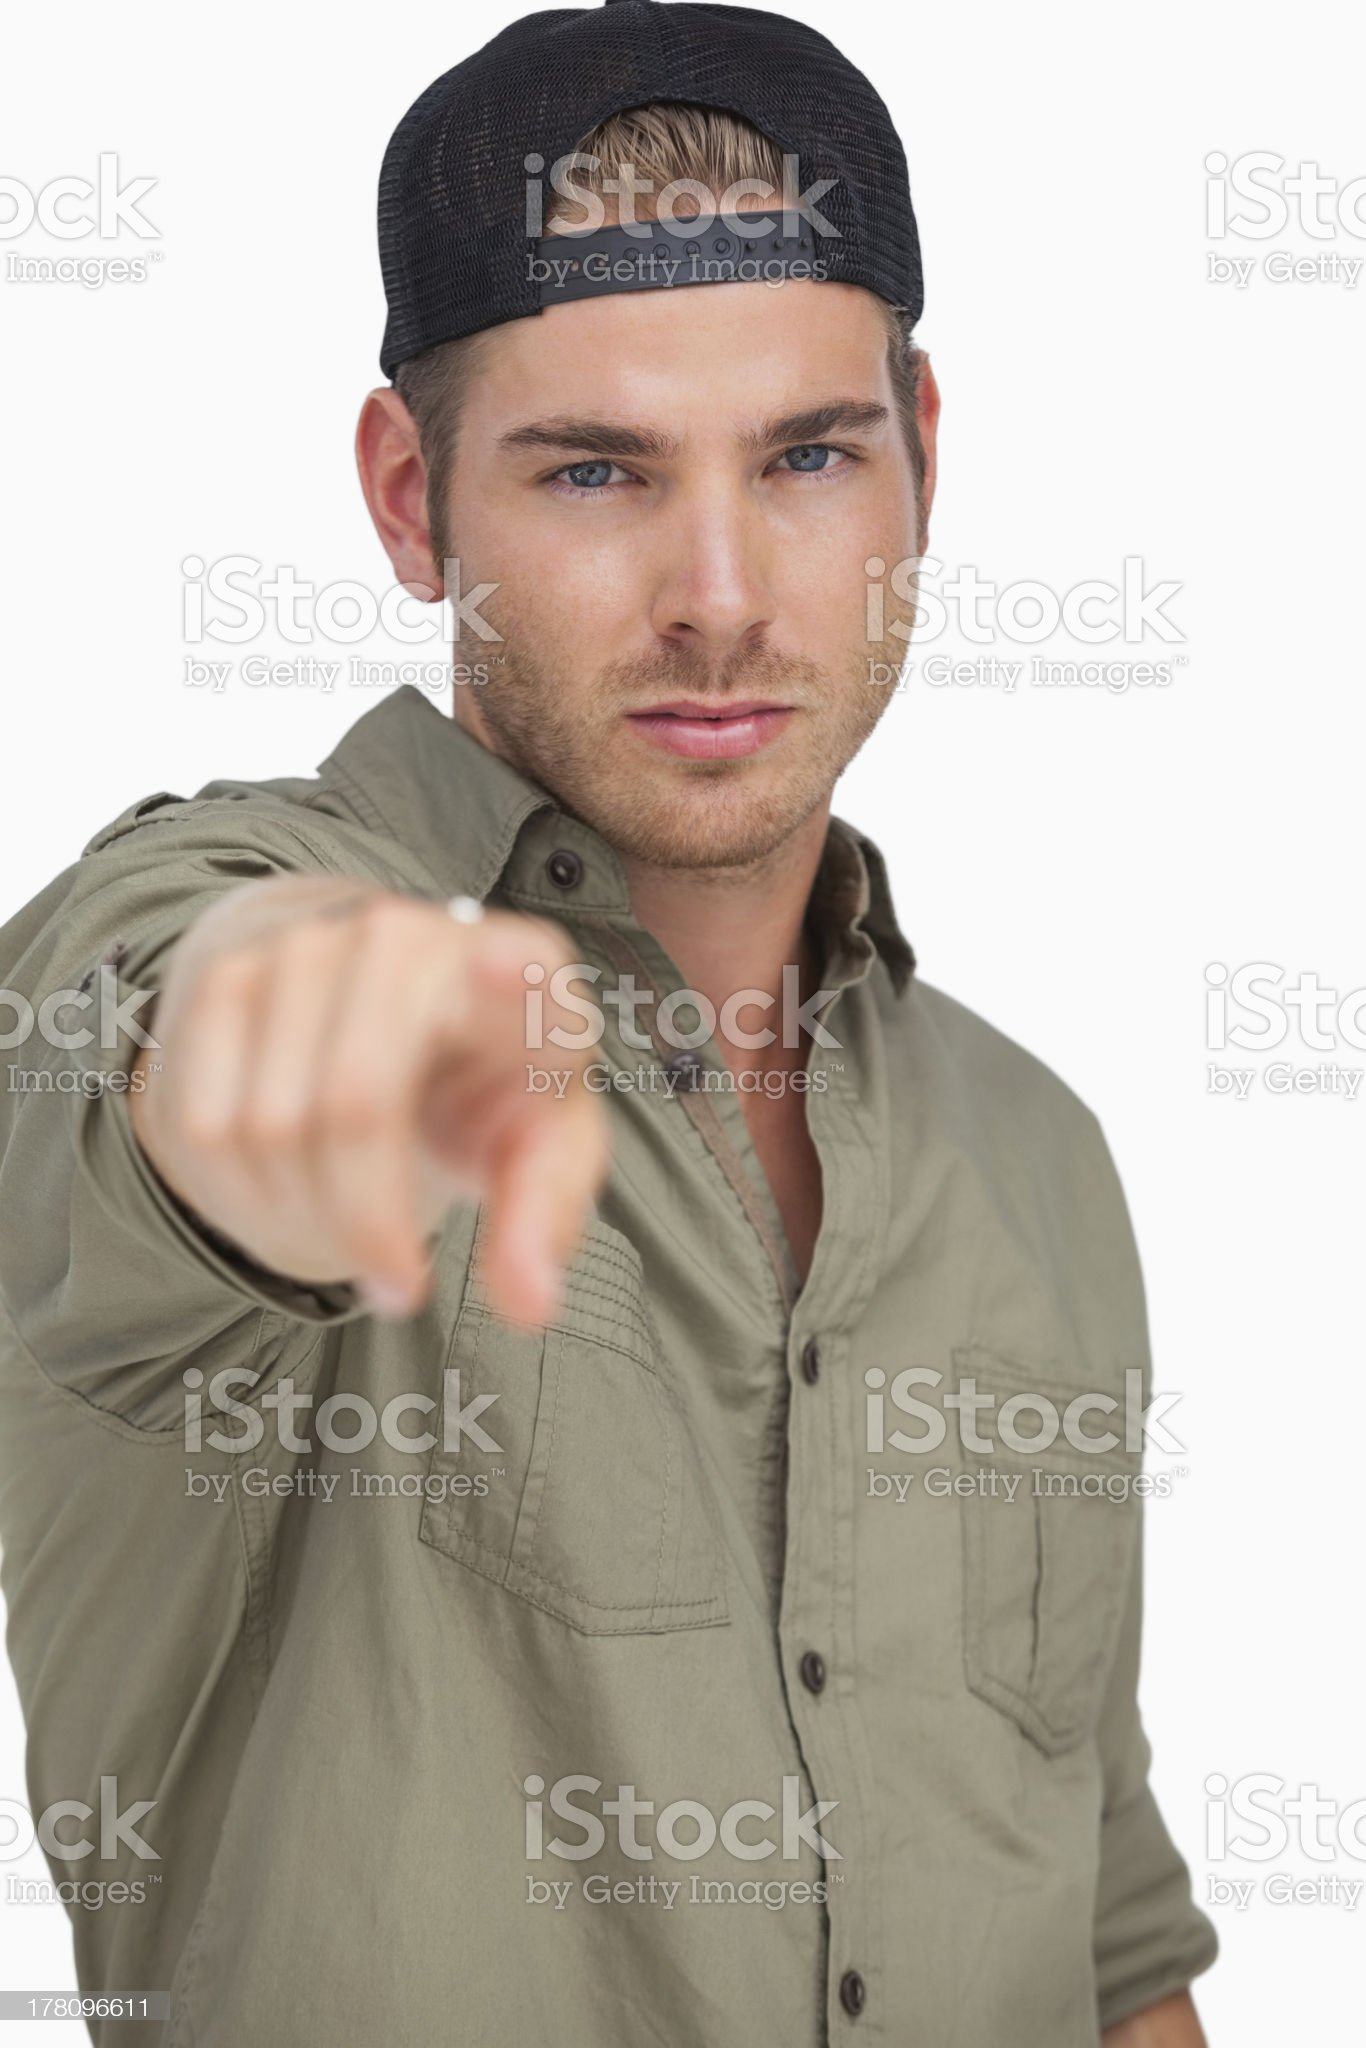 Man wearing baseball hat backwards and pointing royalty-free stock photo